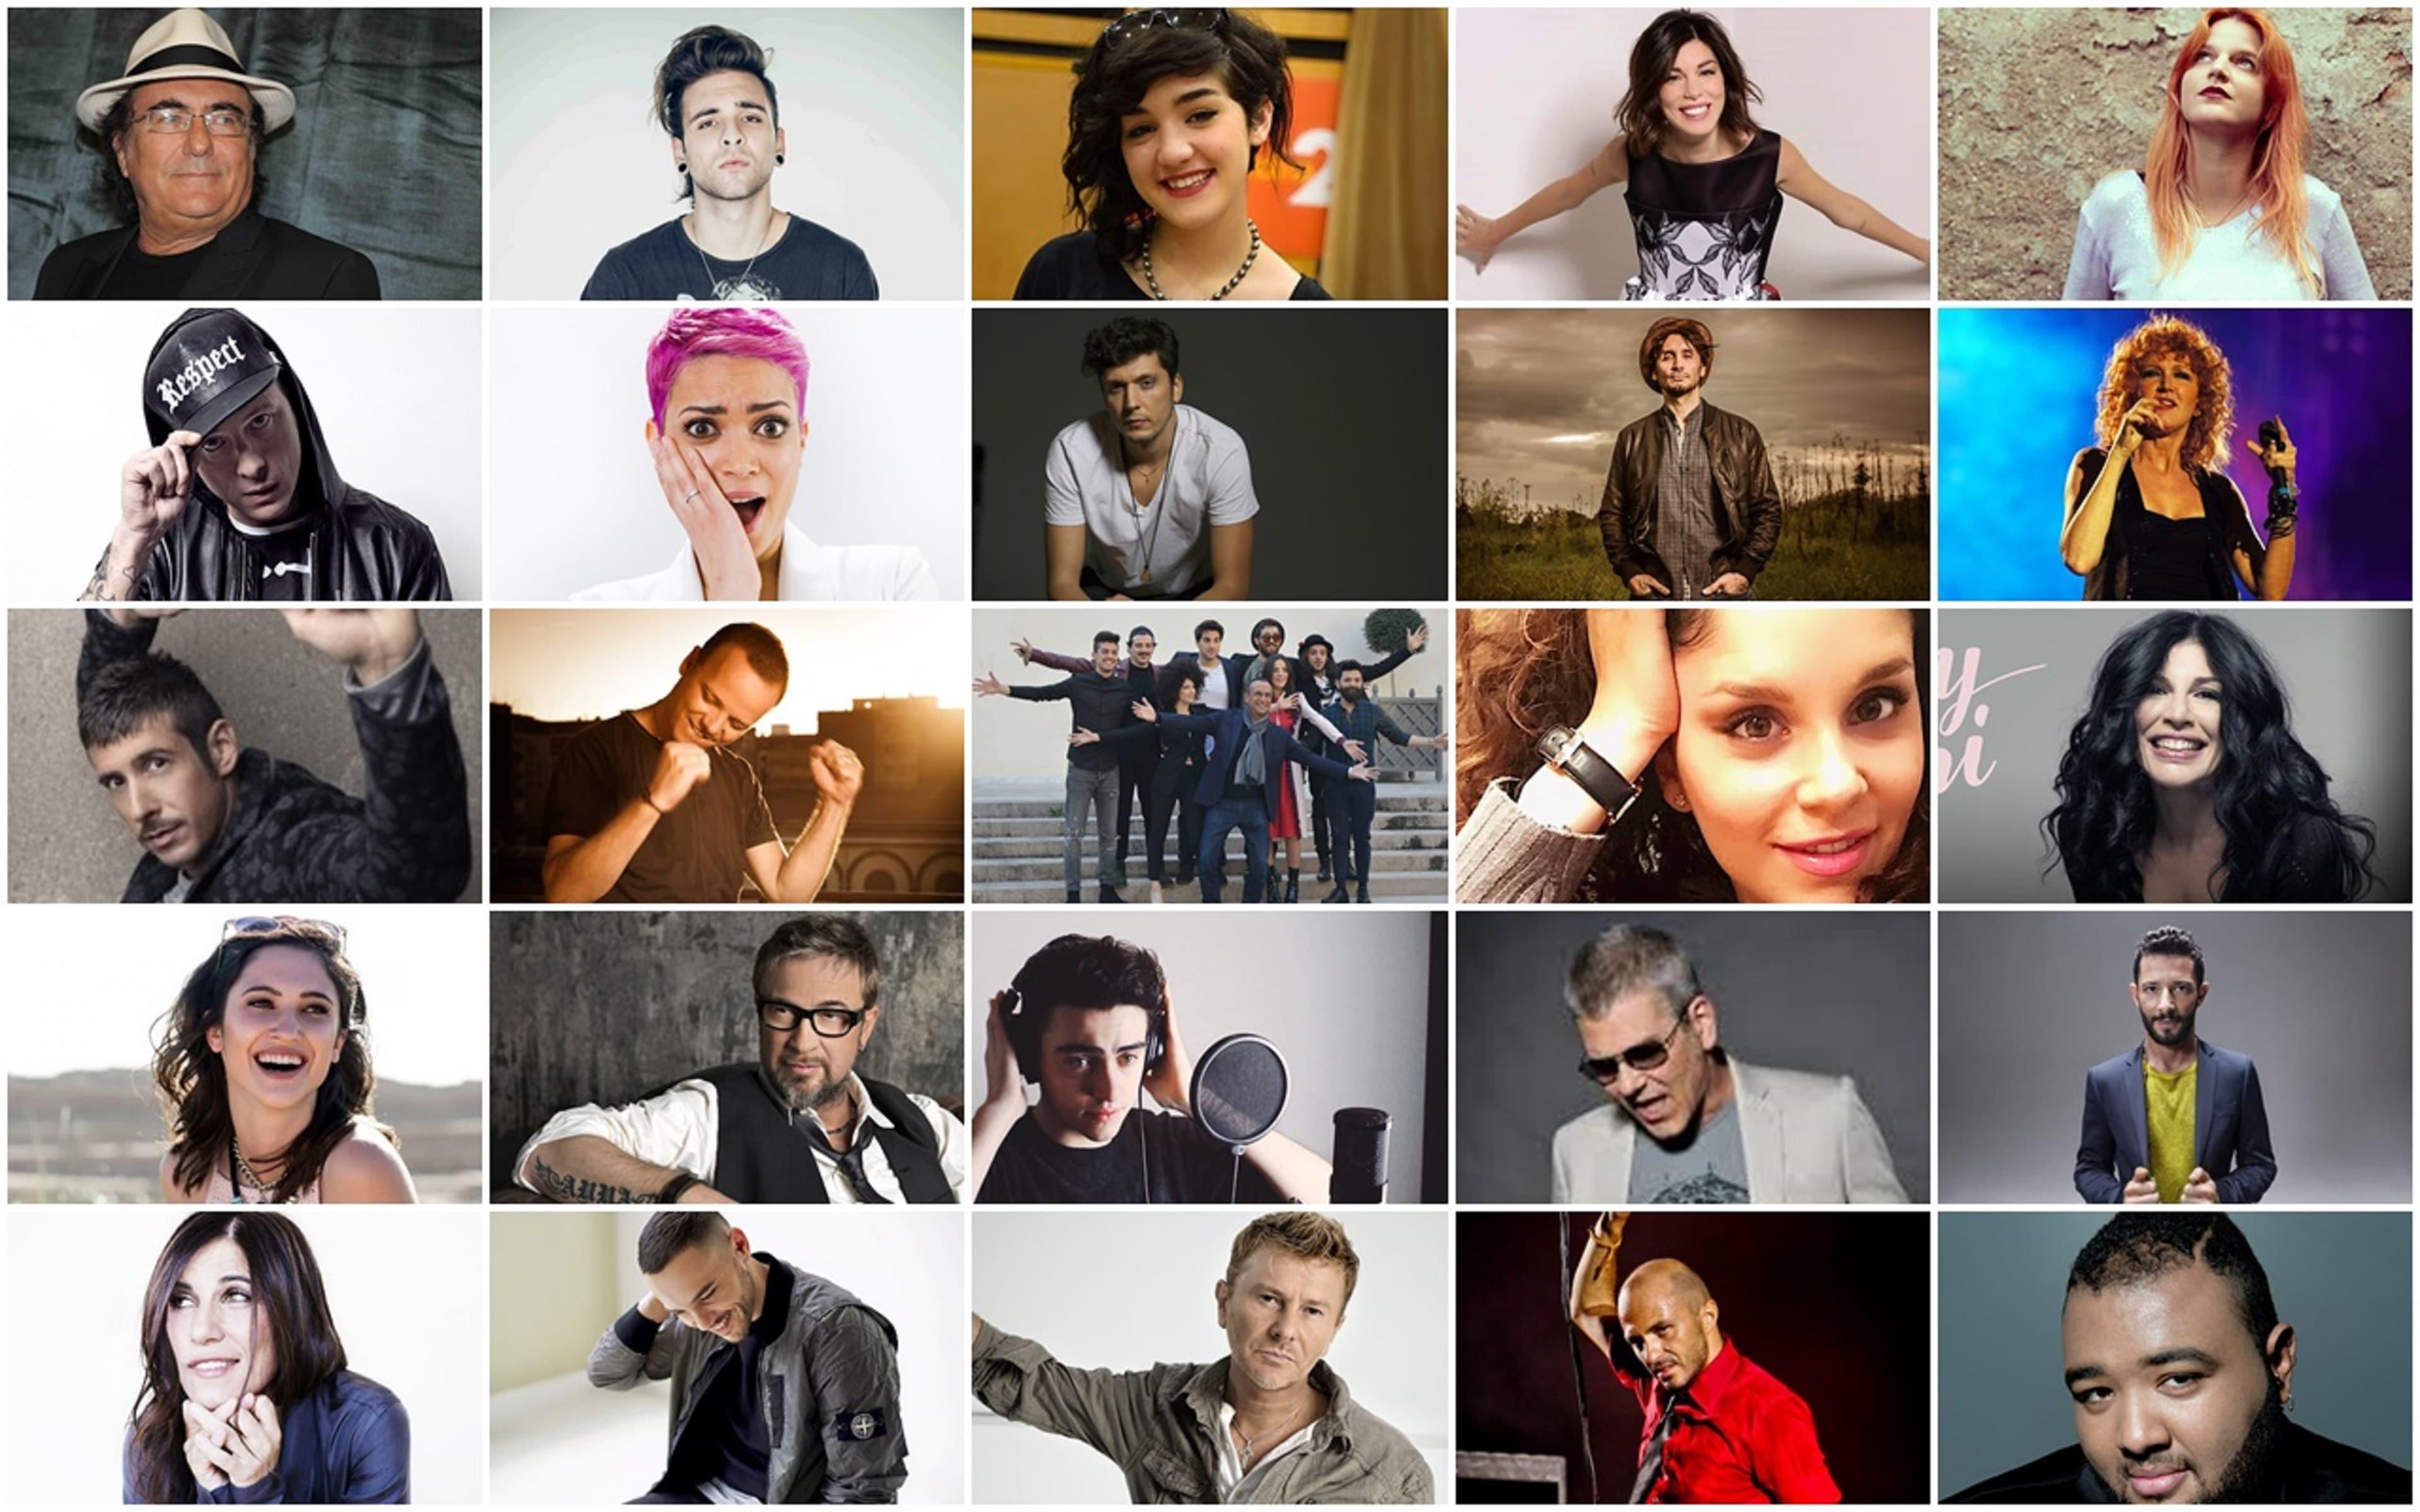 Il Festival di Sanremo dal 7 all'11 febbraio